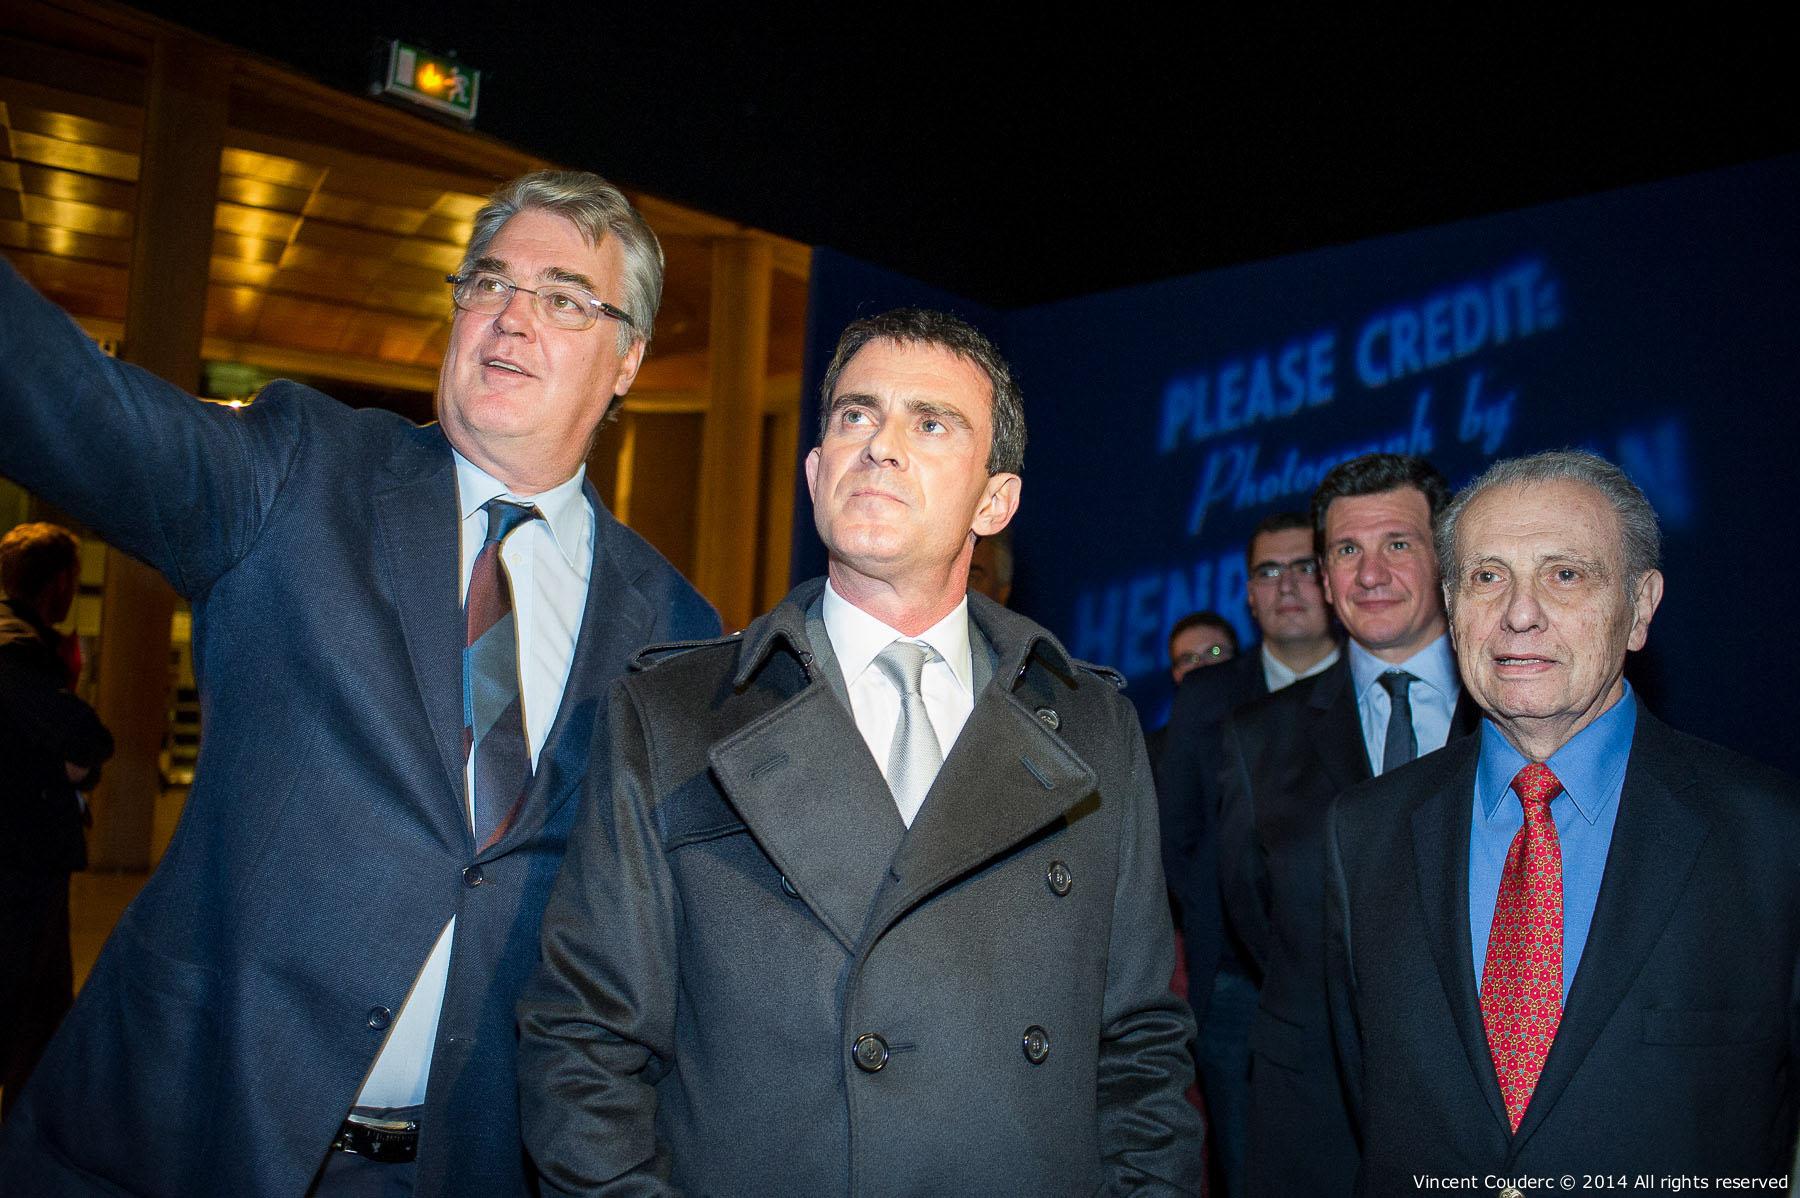 Jean-Paul Delevoye, Manuel Valls premier ministre Français (2014-2016)et Henri Dauman  Exposition sur le travail du photographe Henri Dauman Palais d'Iéna,Paris, 2014.   www.manhattan-darkroom.com